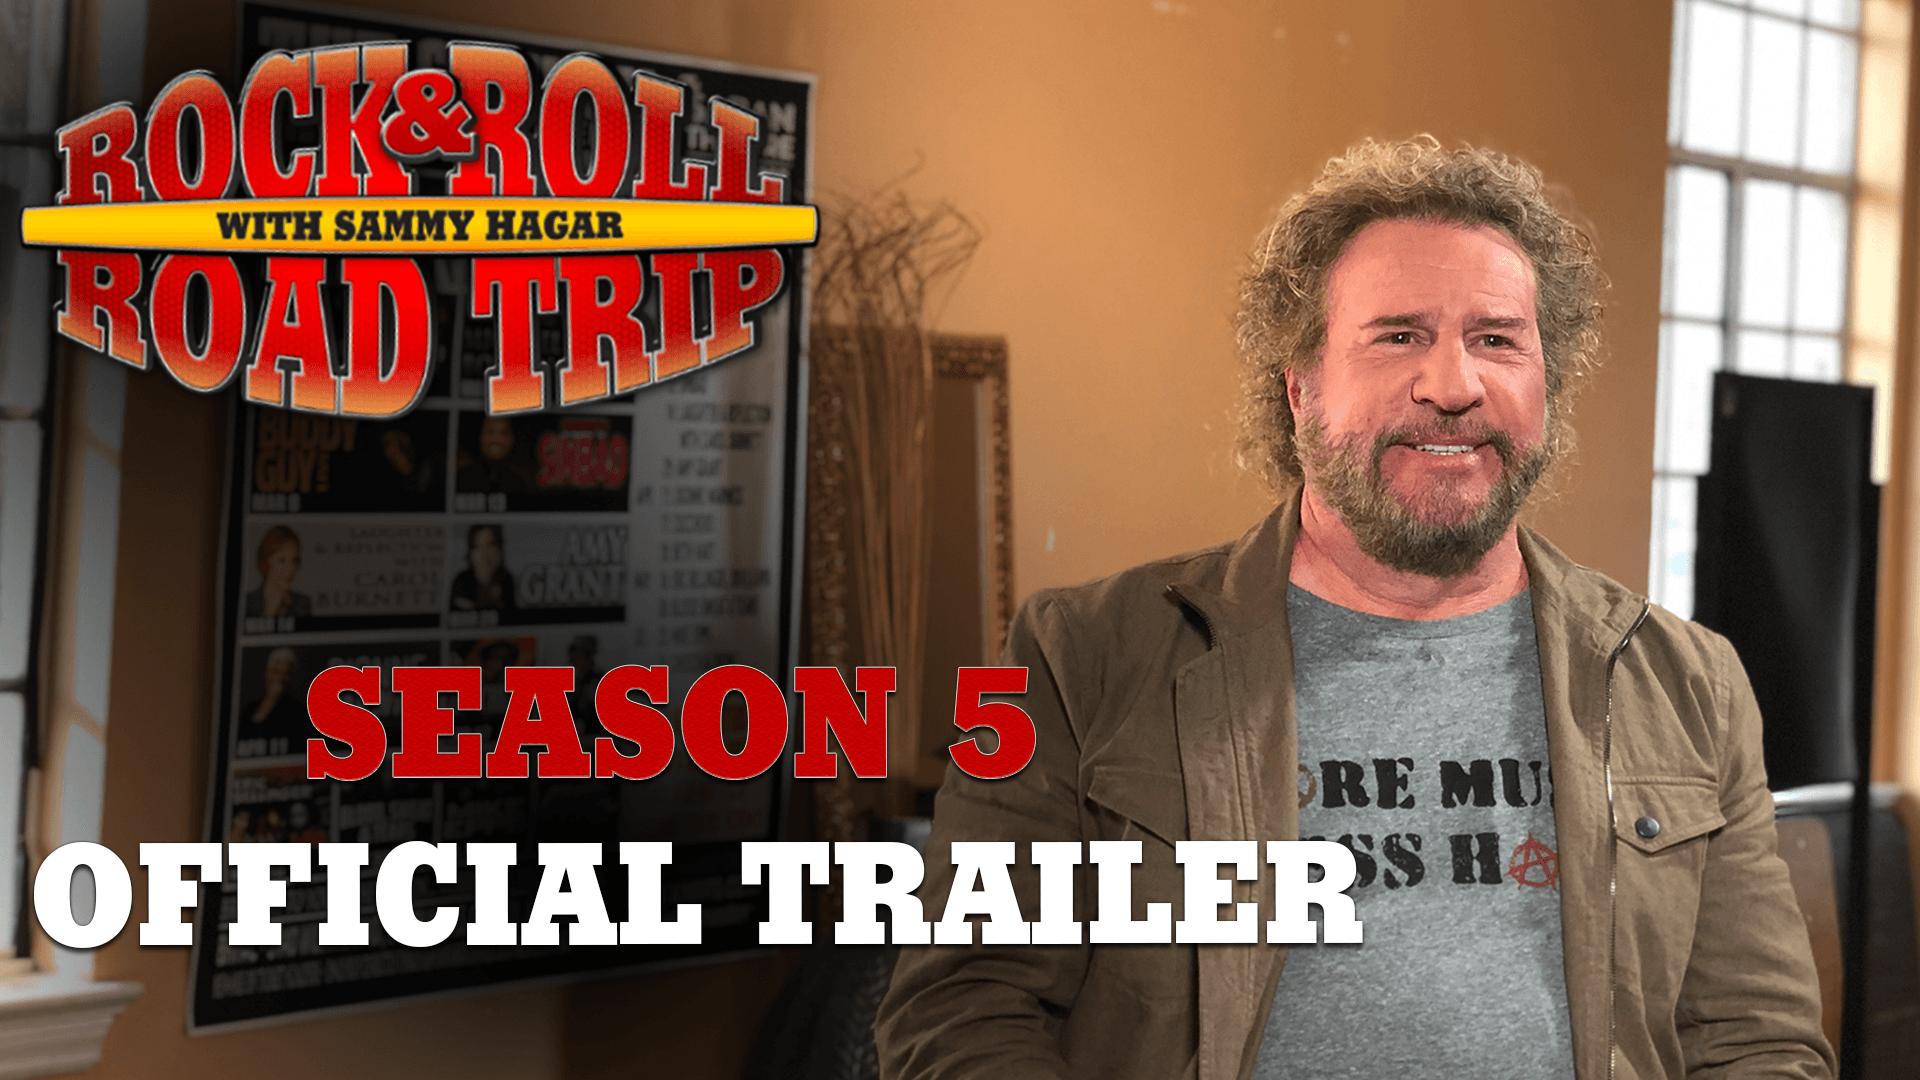 Rock & Roll Road Trip with Sammy Hagar | Season 5 Trailer